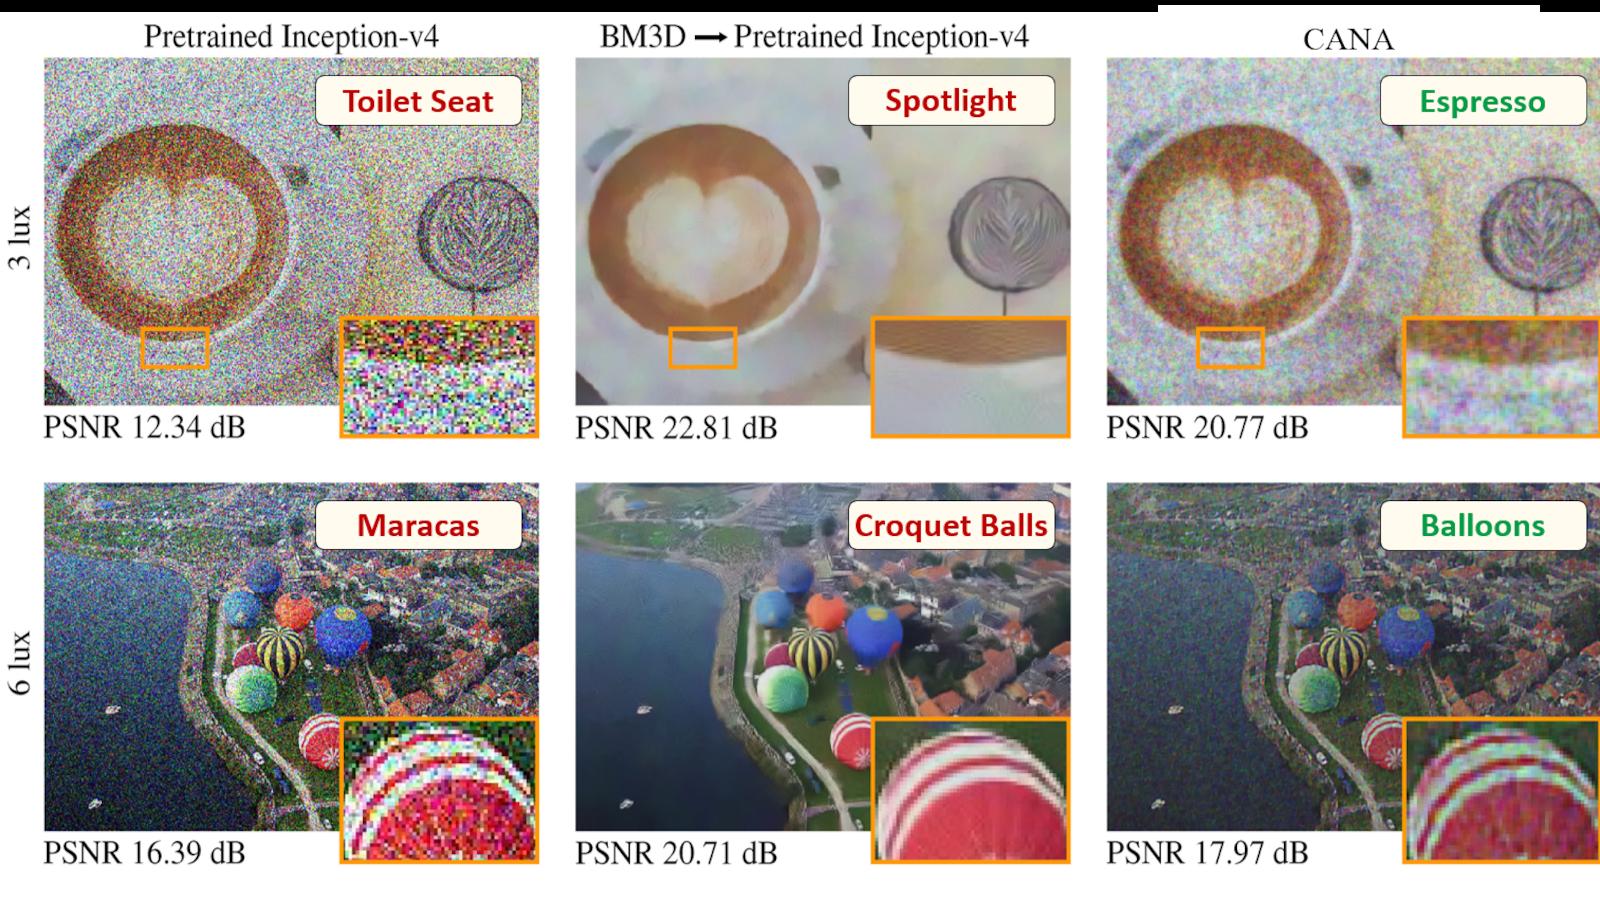 Six images de résolution différente d'une tasse de café et de montgolfières